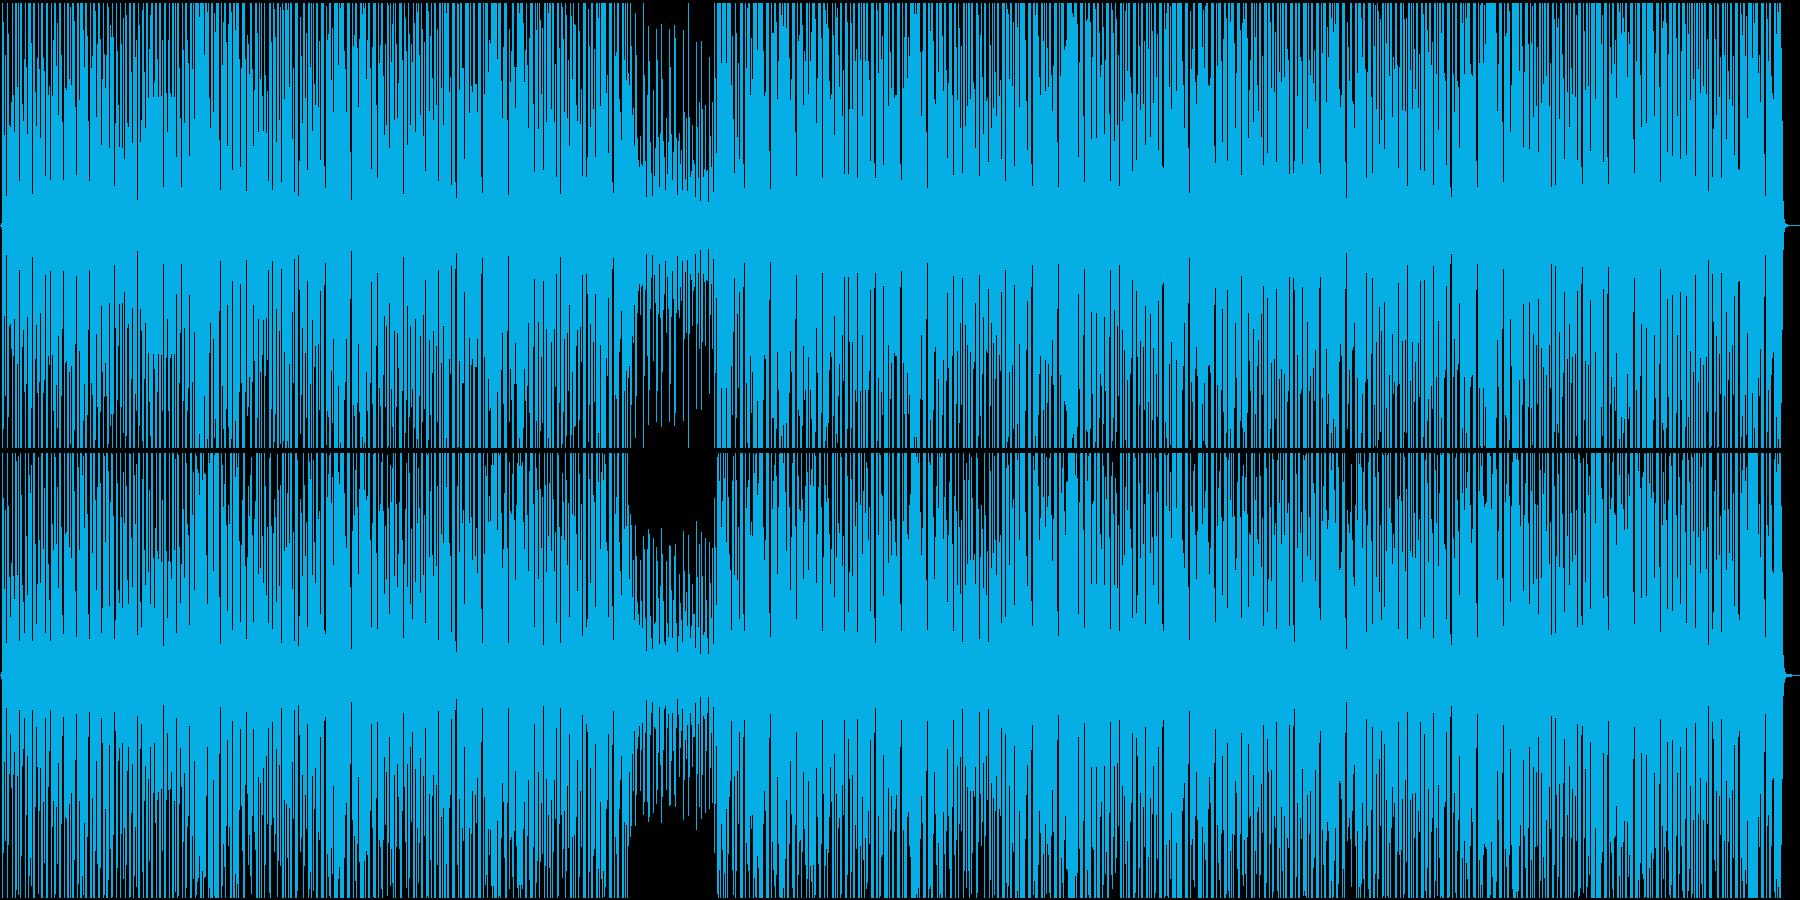 サバイバルをイメージ・クール・緊張感の再生済みの波形